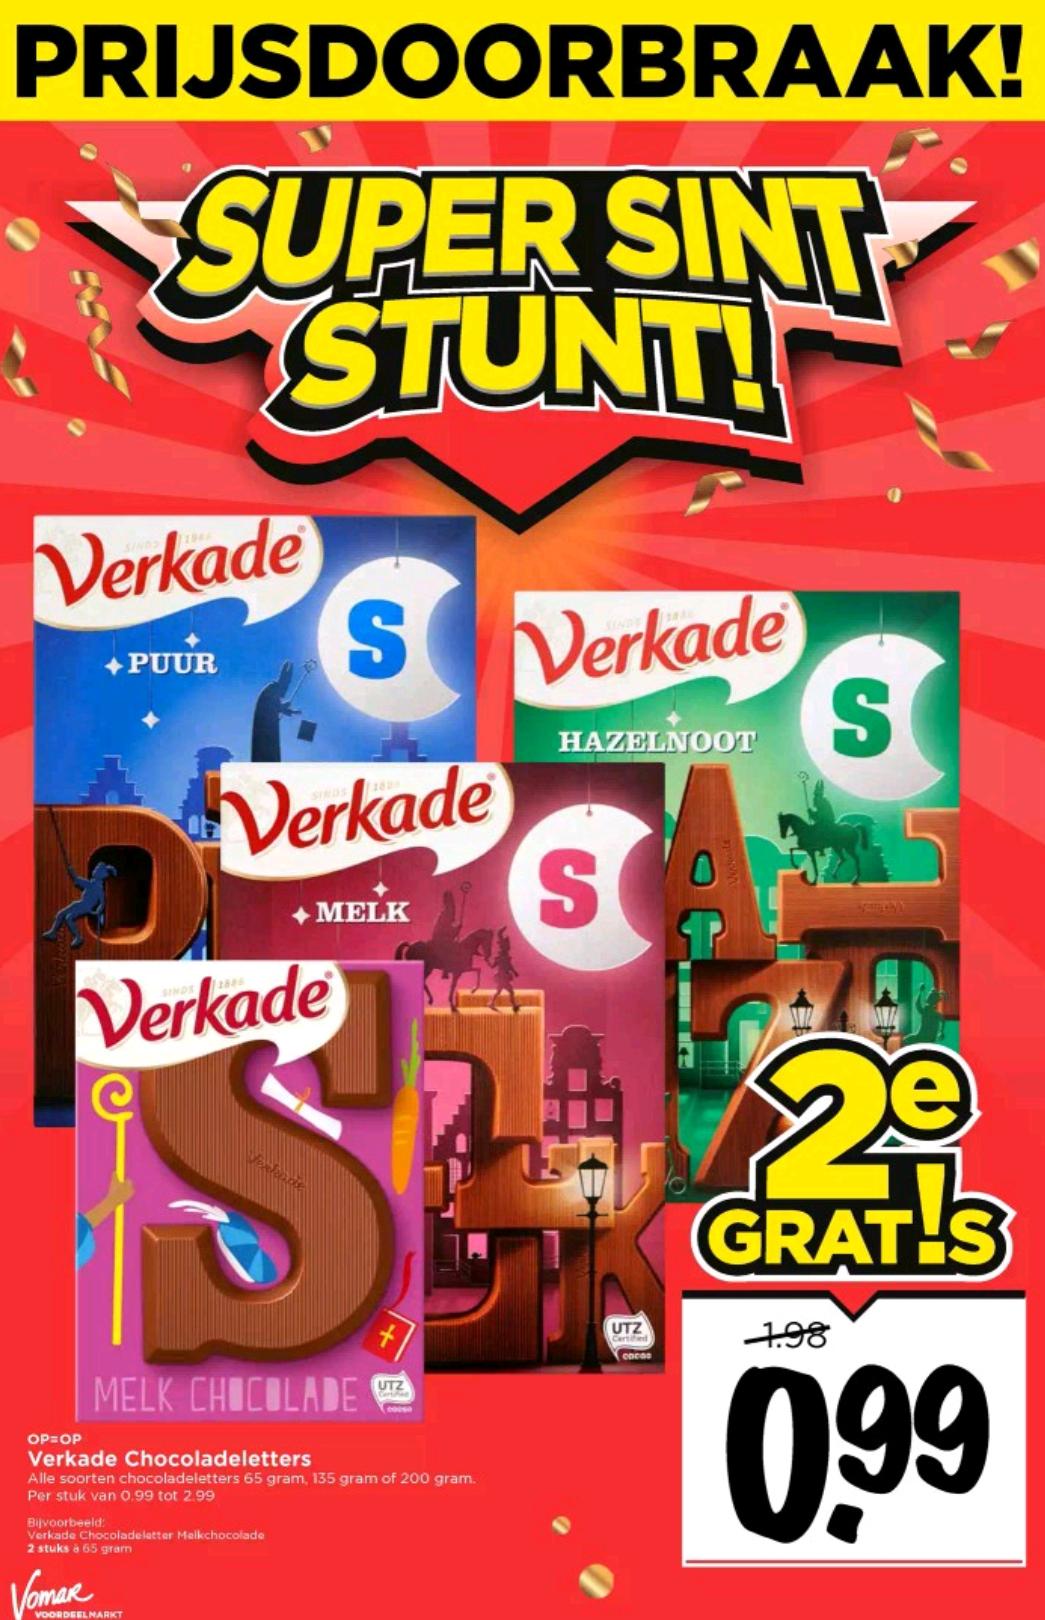 Verkade chocoladeletter, 2e gratis @ Vomar